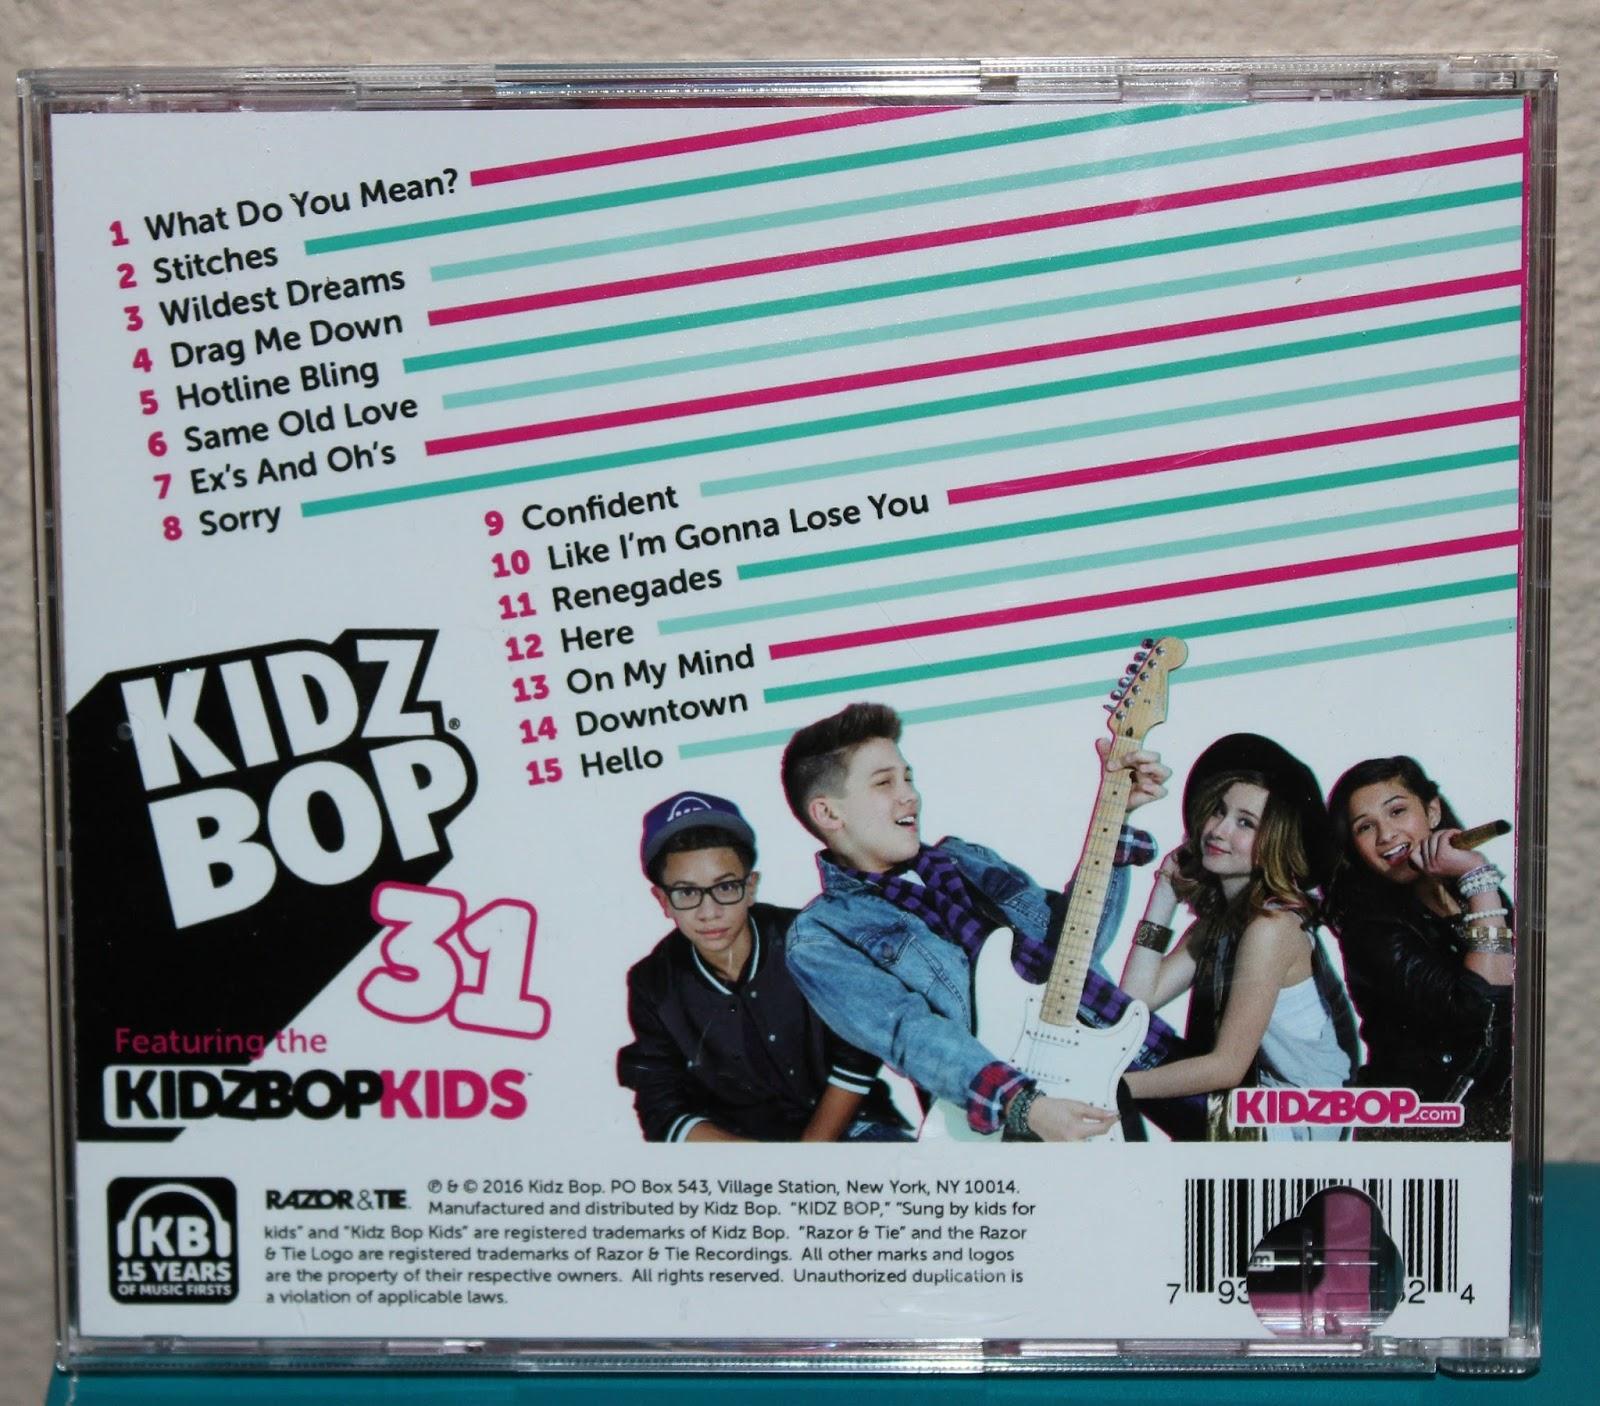 kidz bop 31 childrens music album release